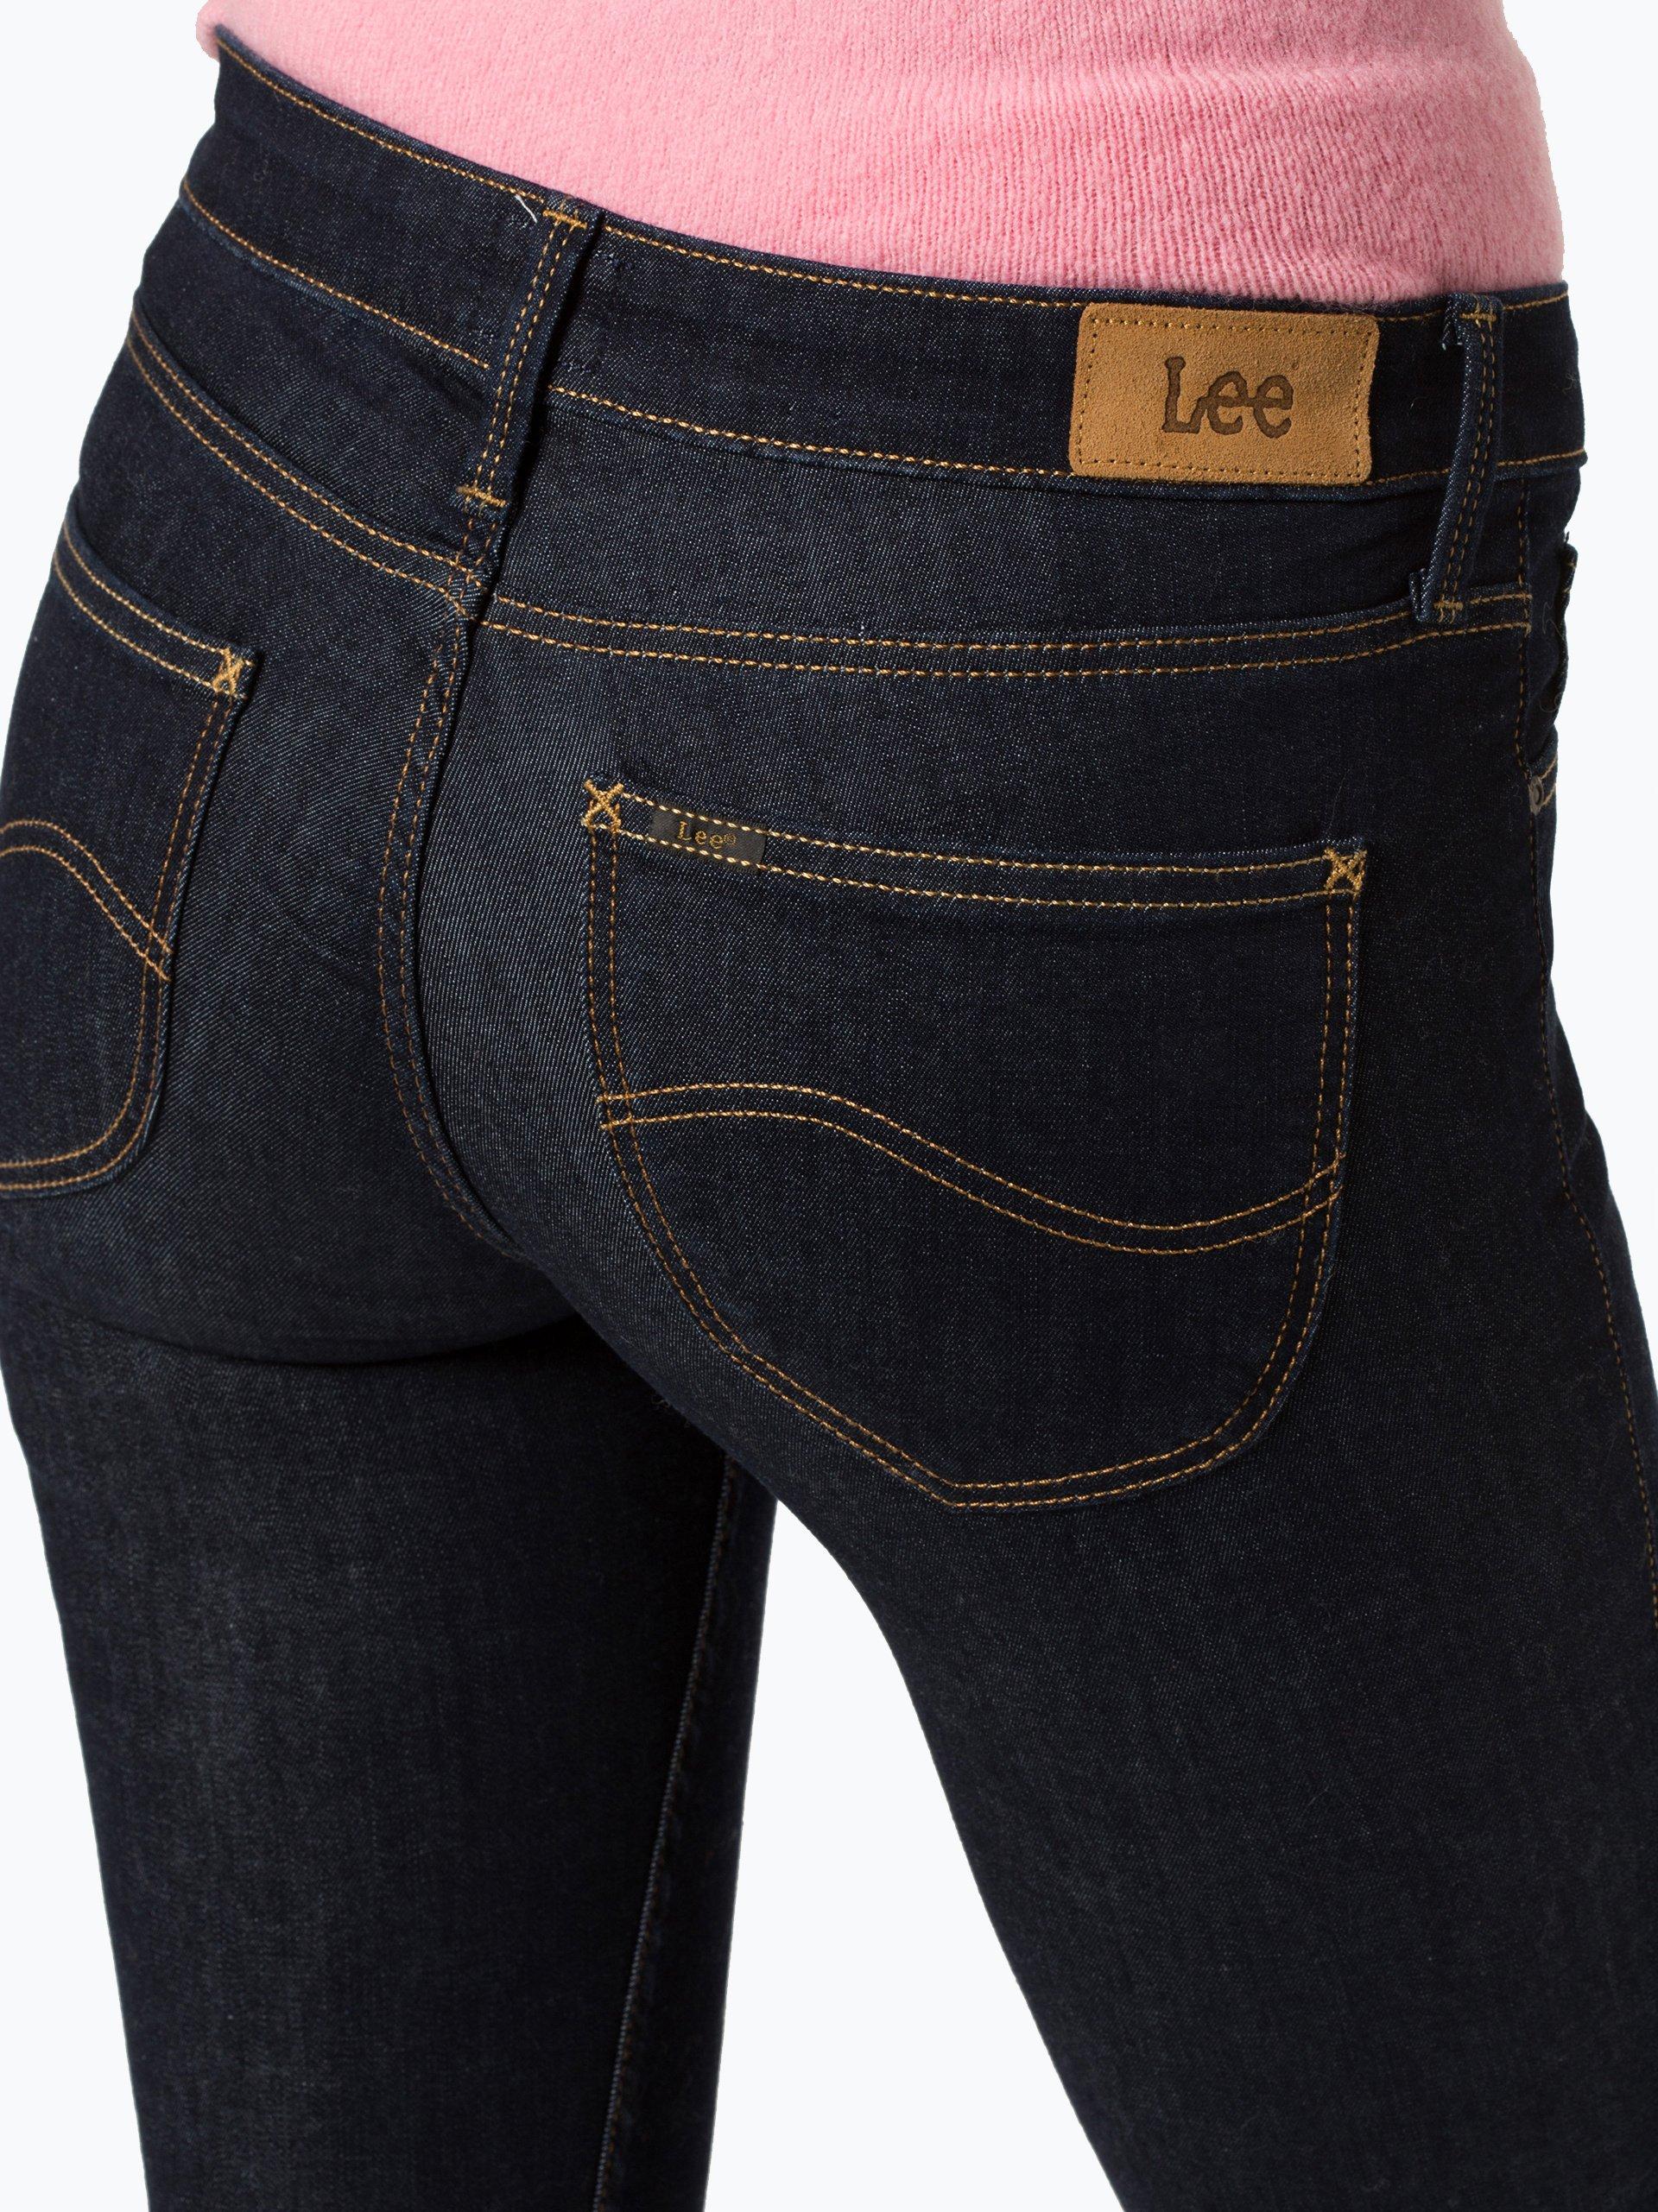 Lee Damen Jeans